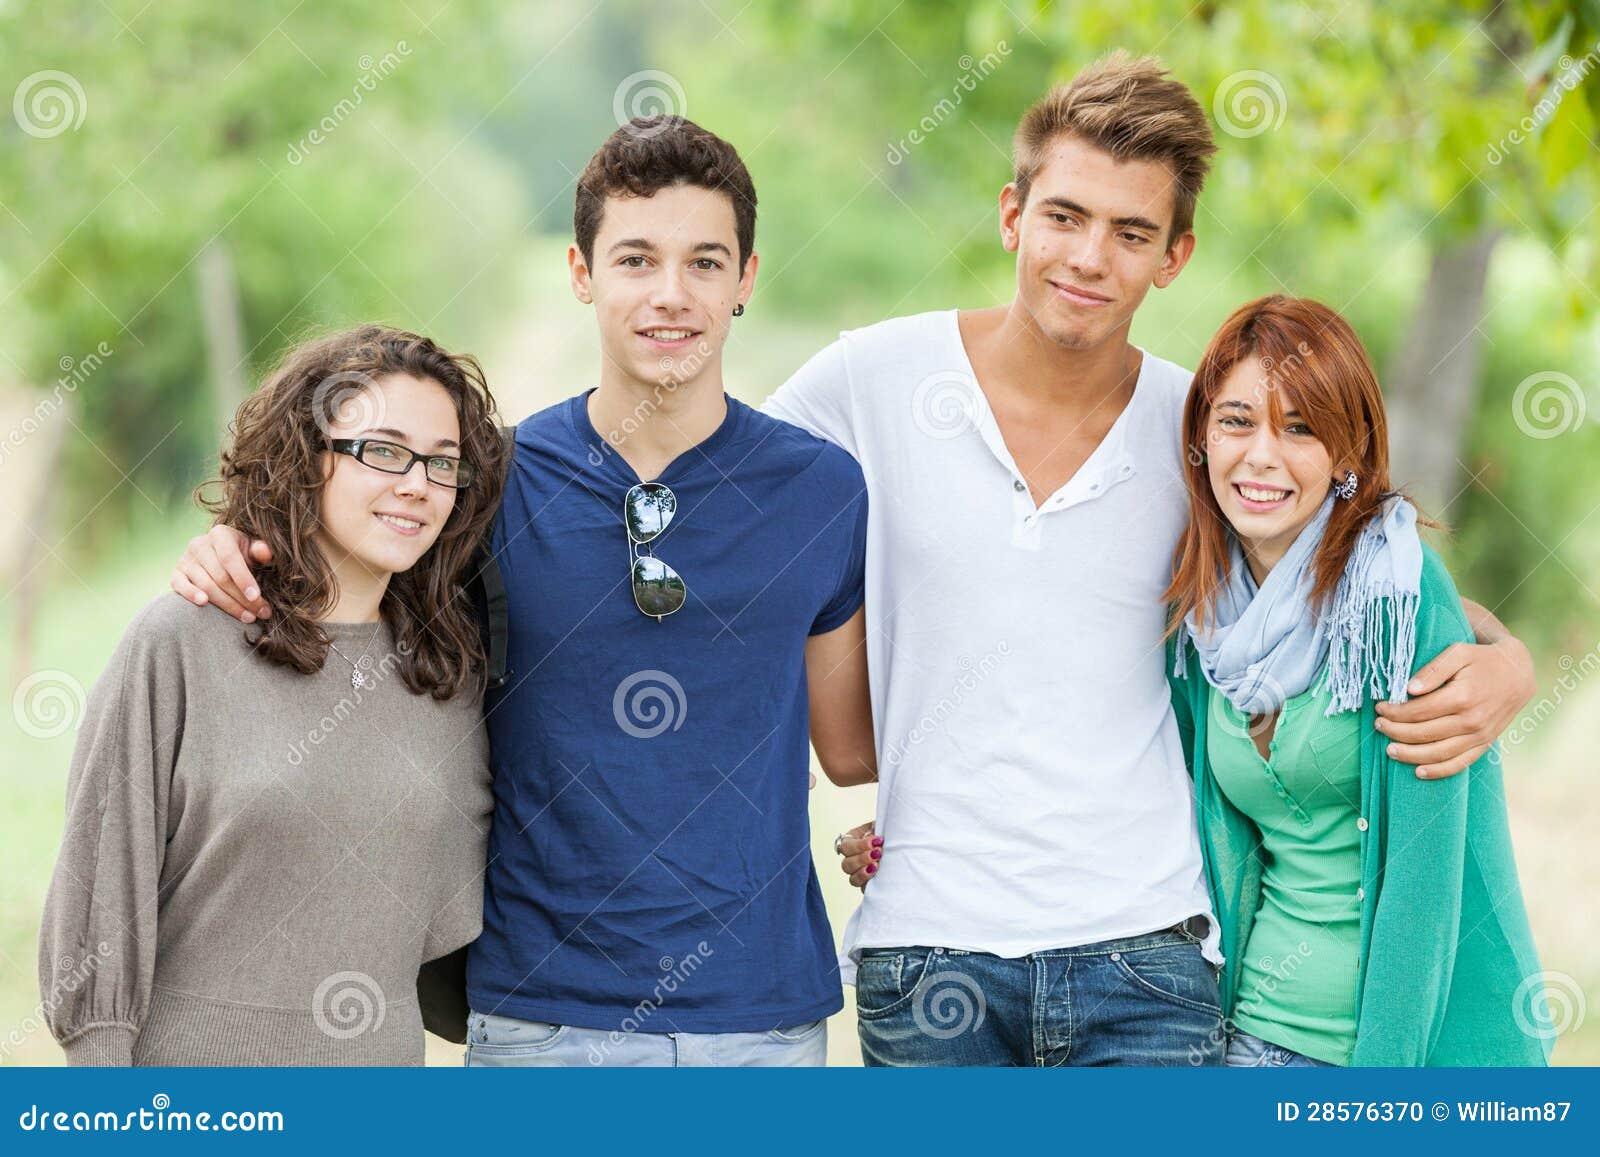 Carteras Adolescentes Online Carteras Adolescentes en